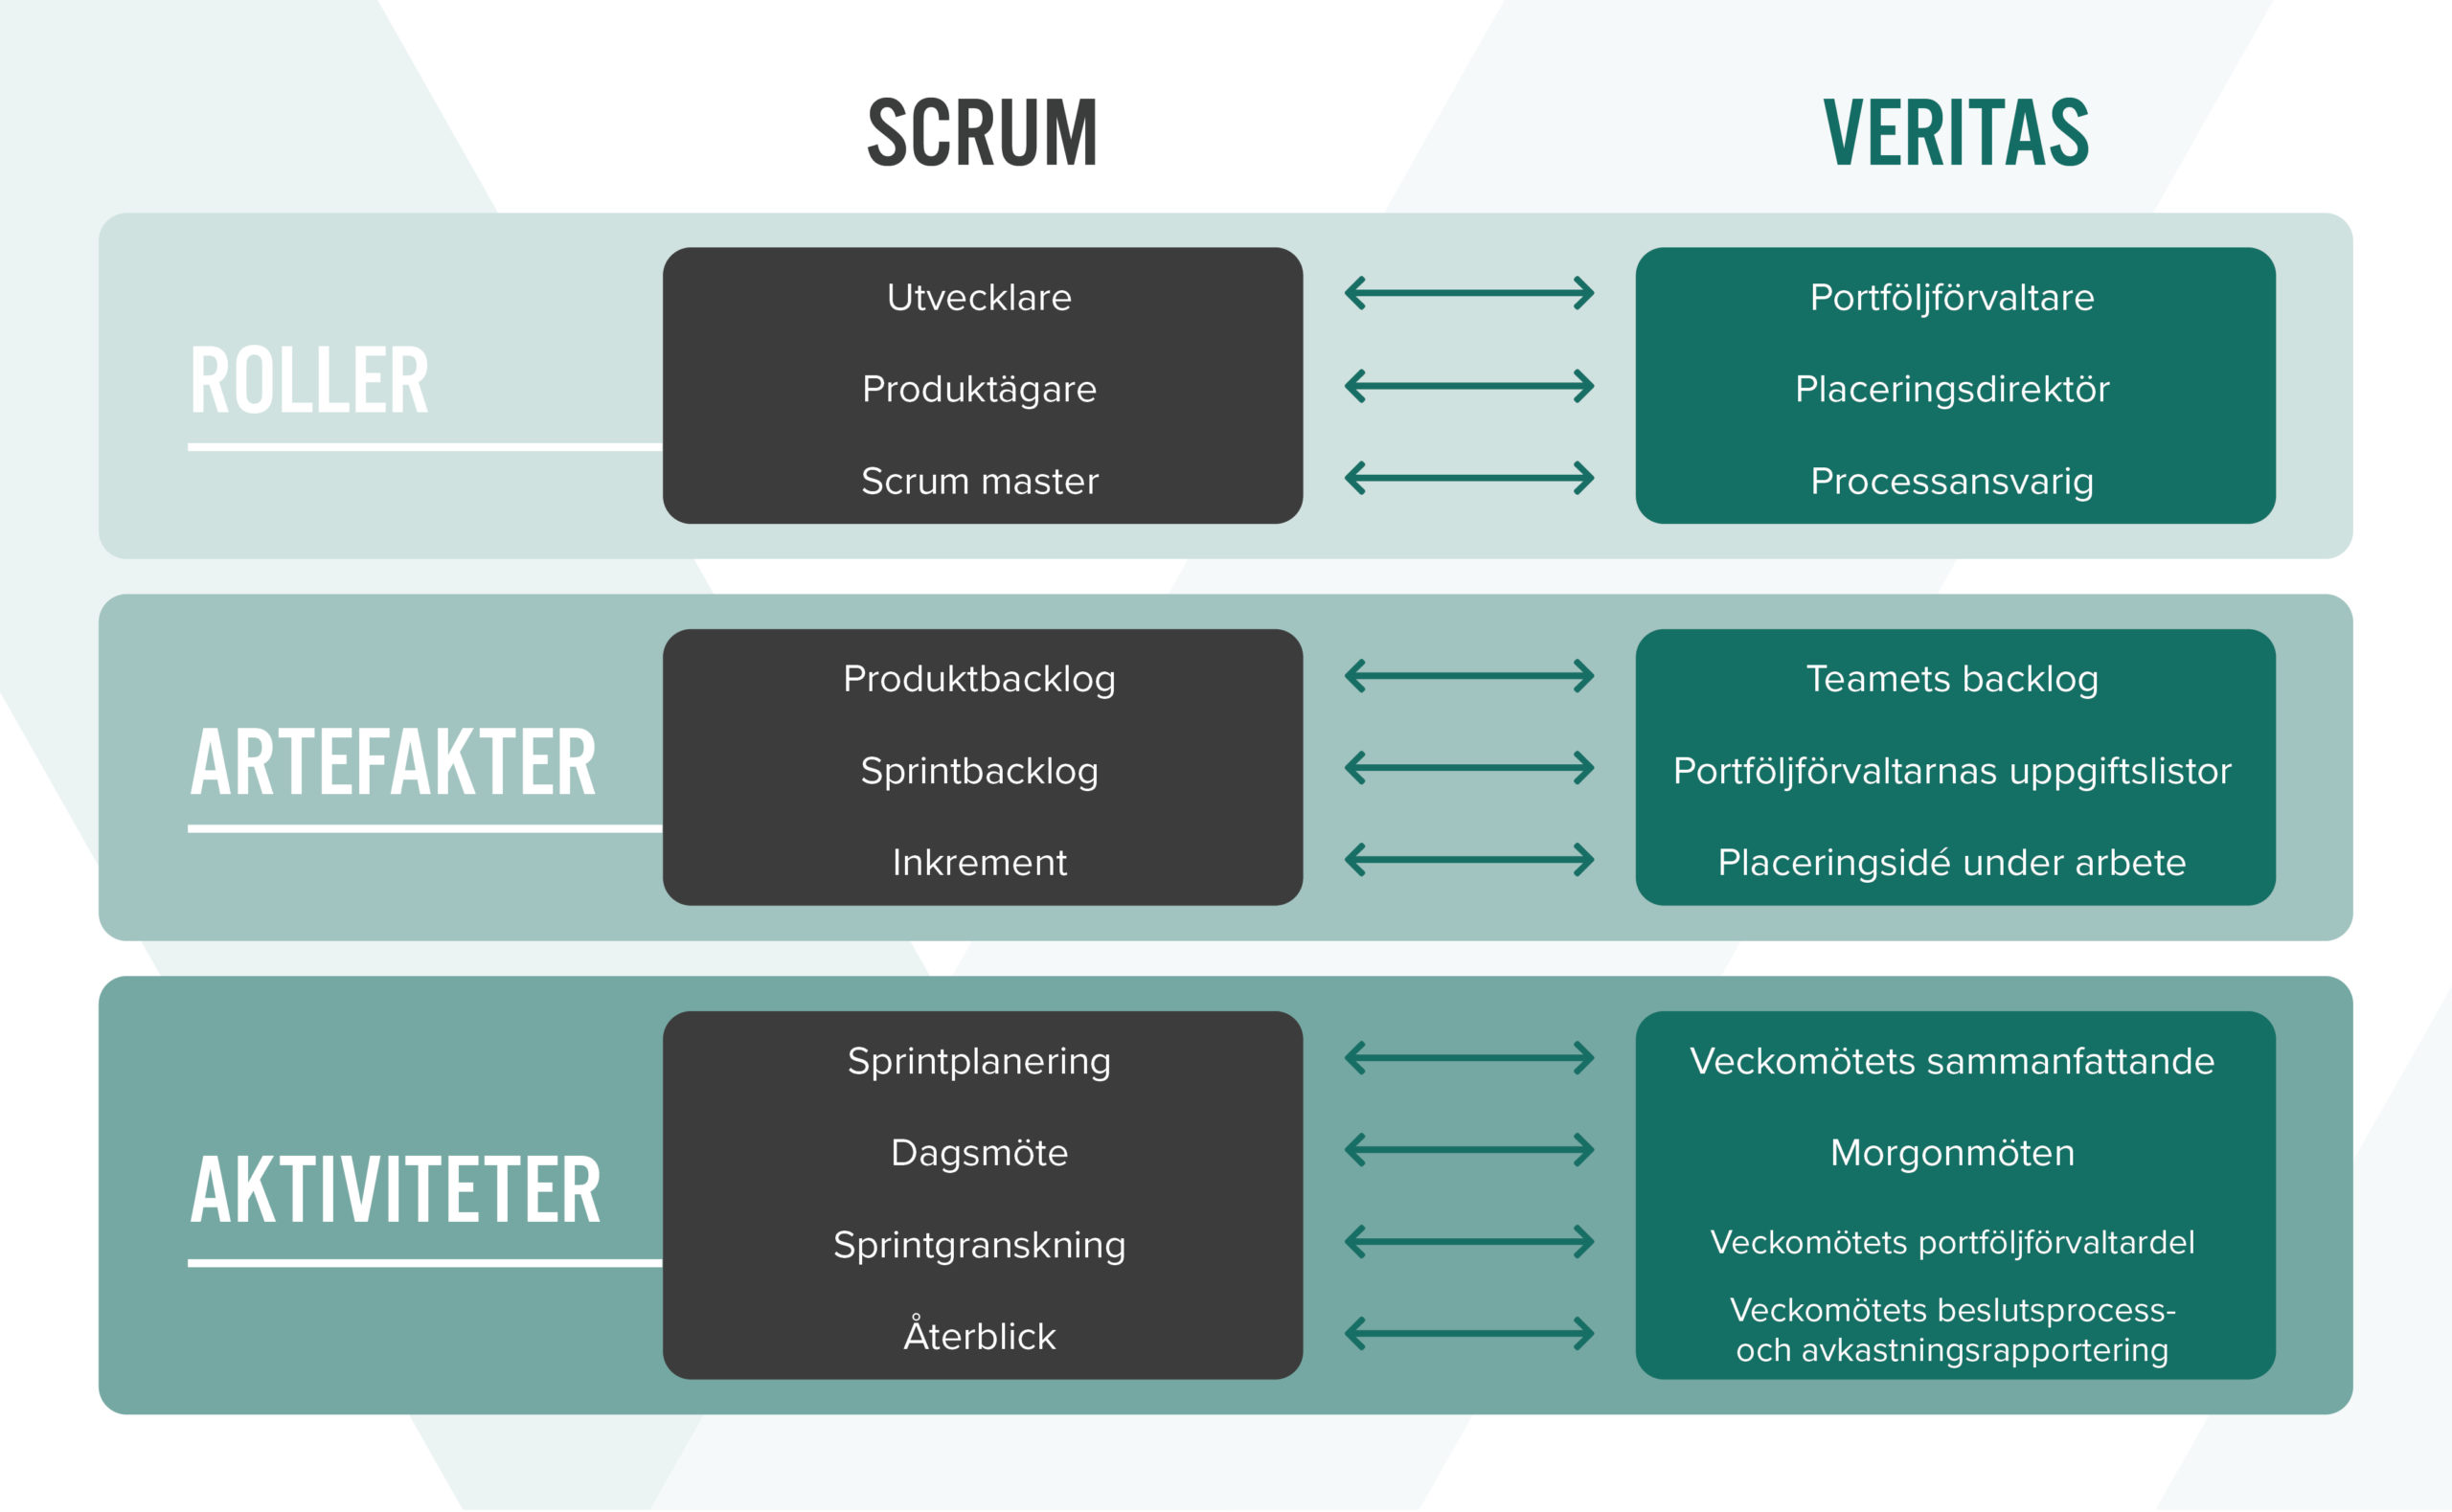 Roller i scrum: utvecklare, produktägare, scrum master. Roller i Veritas: portföljförvaltare, placeringsdirektör, processansvarig